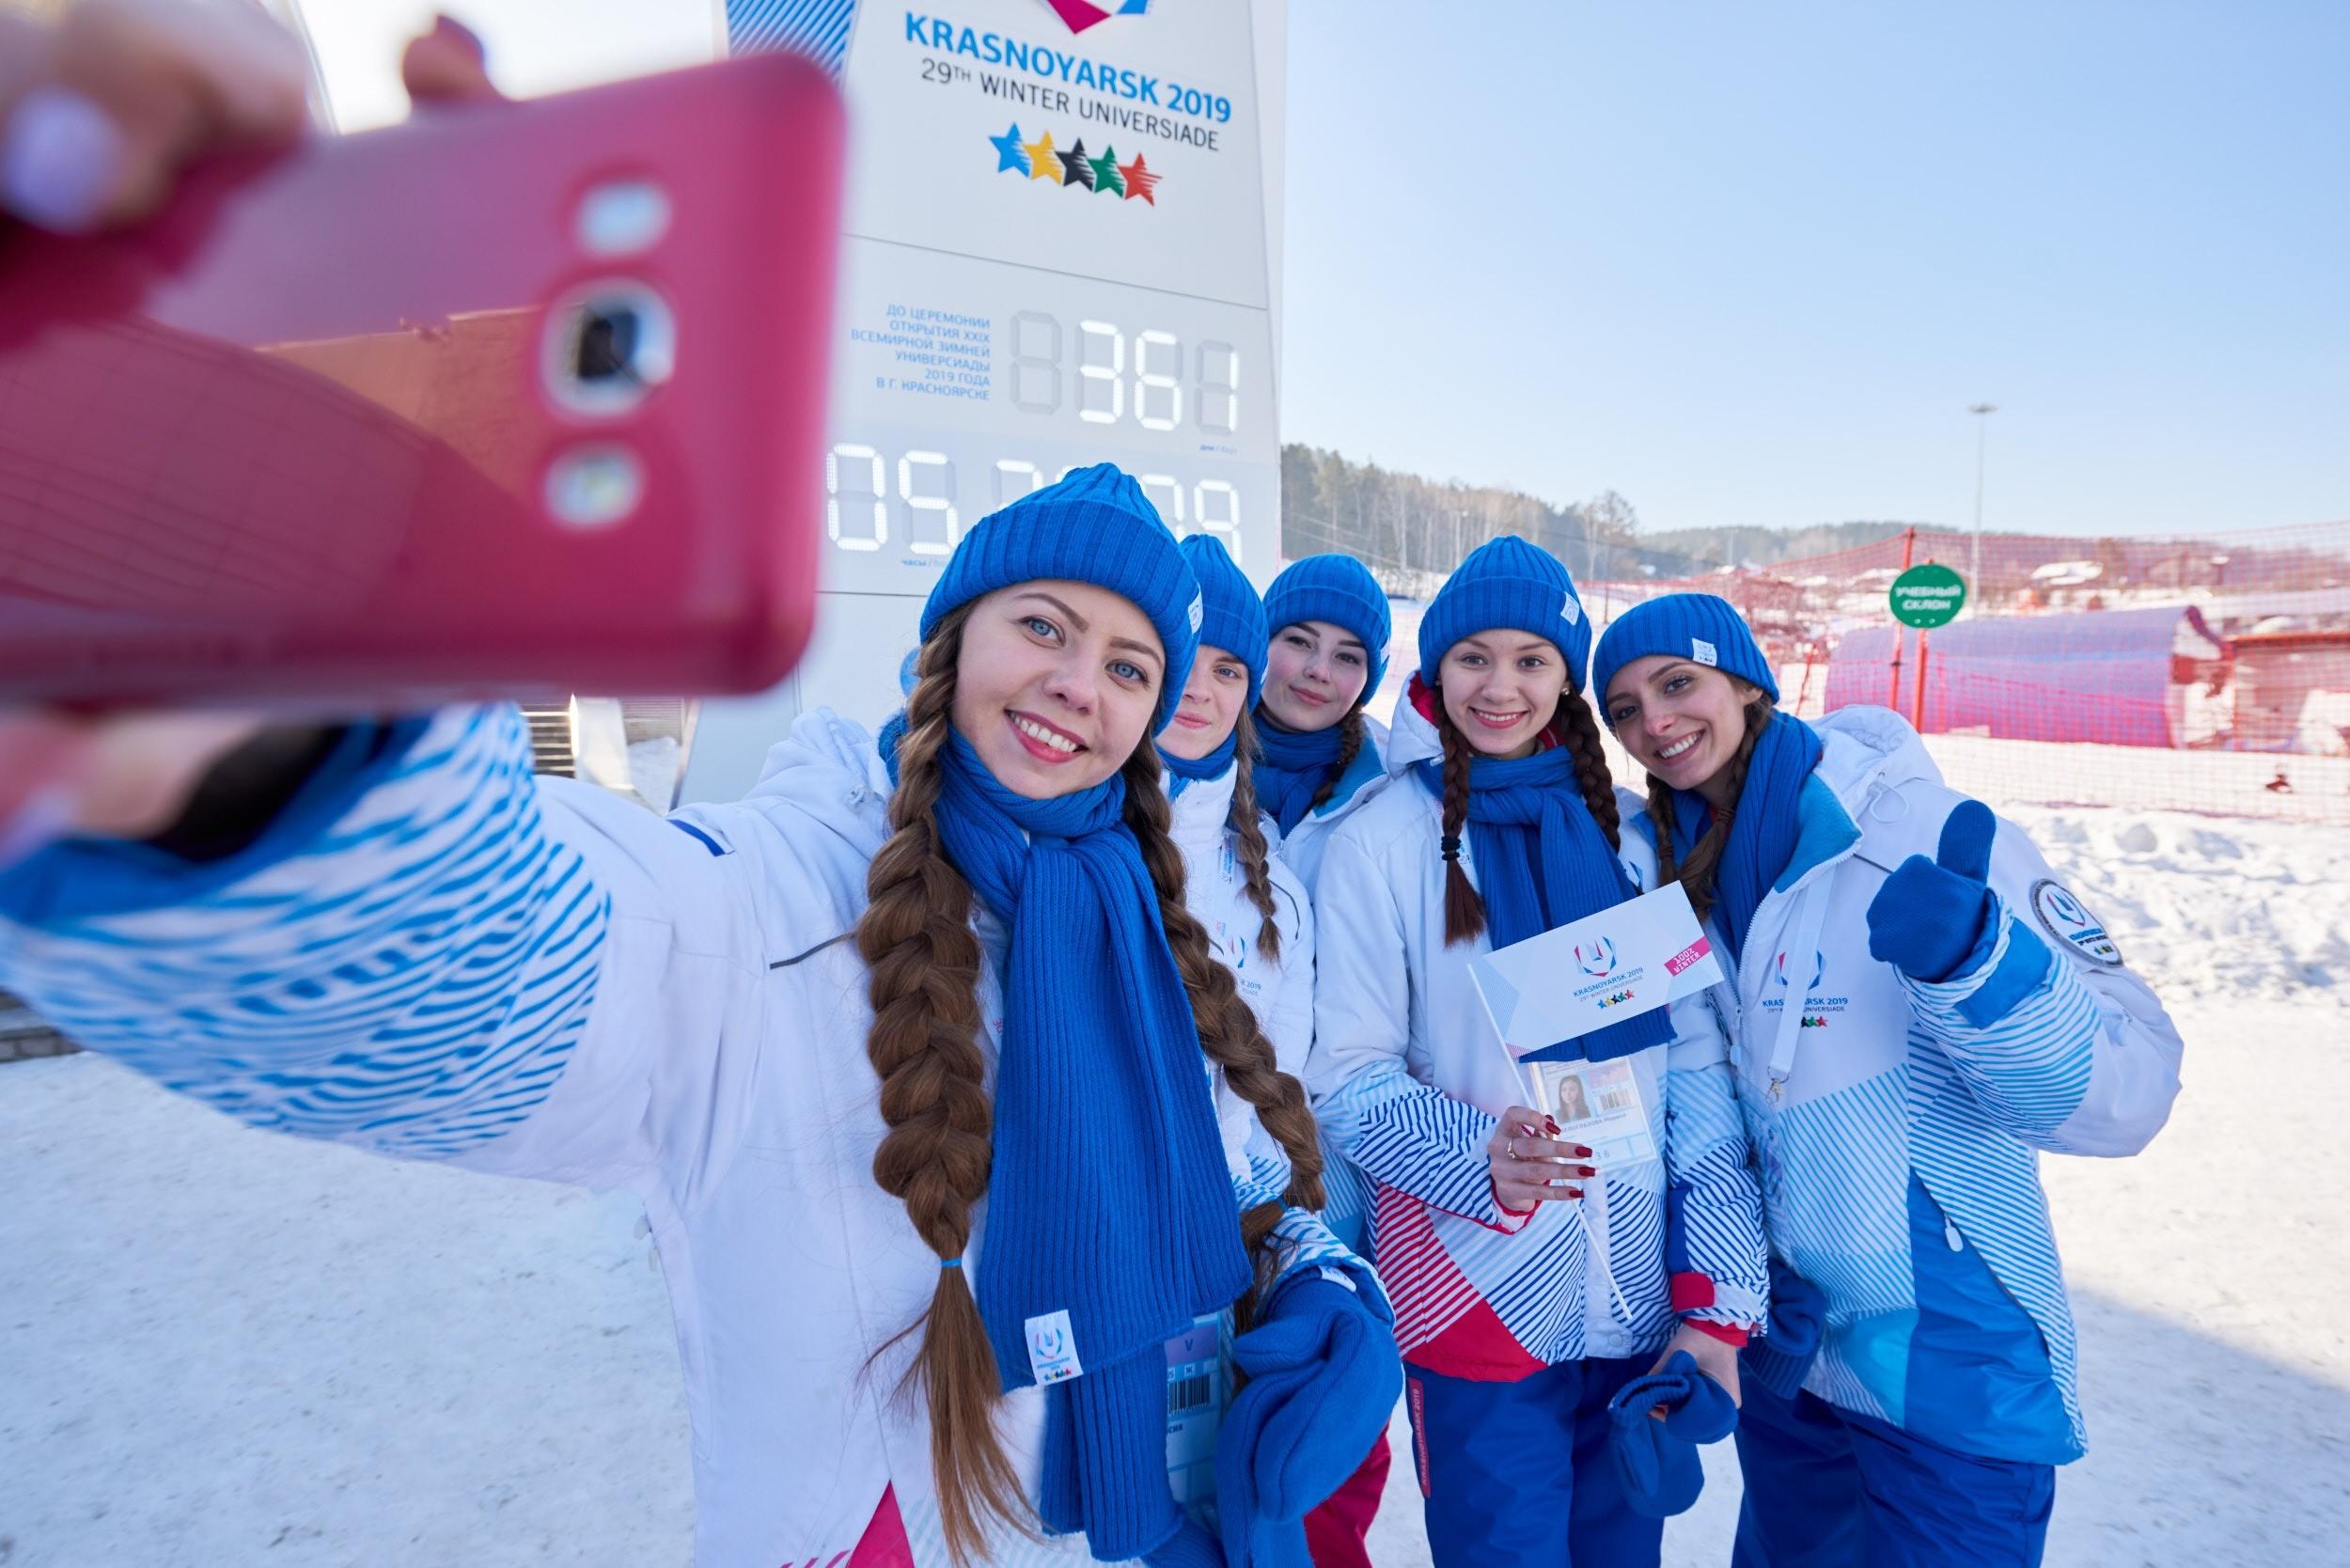 Парк Универсиады будет открыт с28 февраля по12 марта наплощади Мира ив западной части острова Татышев. Это огромная фан-зона, где пройдут трансляции лучших моментов соревнований. Боле...